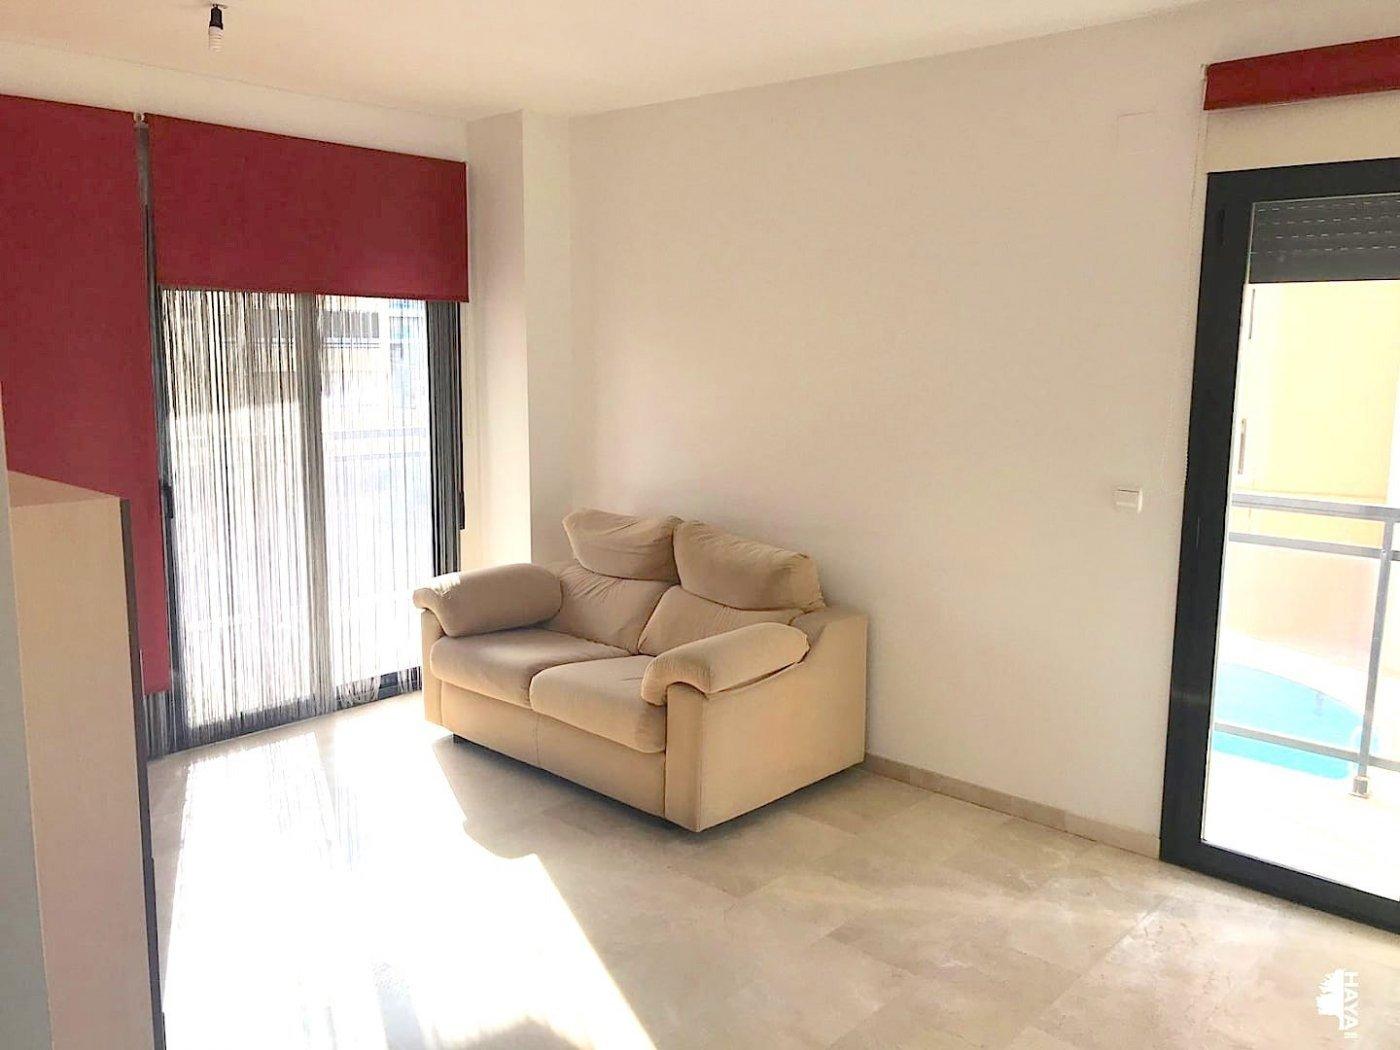 Apartamento en playa de gandia con piscina comunitaria y garaje incluido - imagenInmueble7